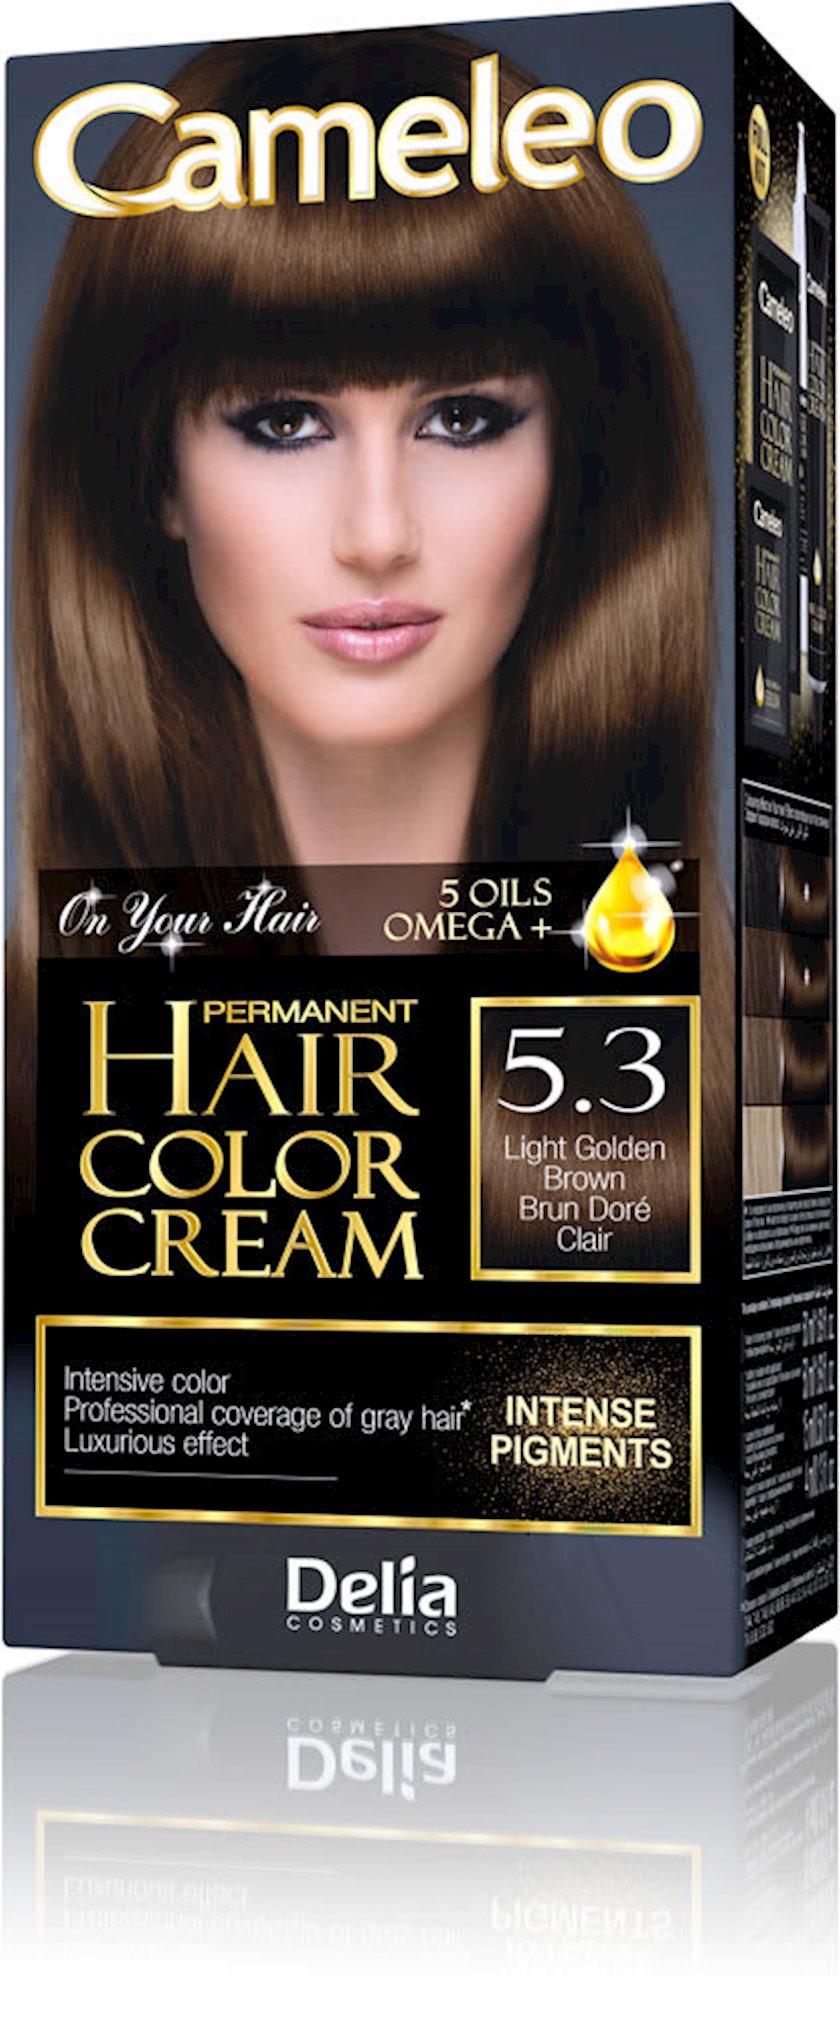 Saç üçün krem-boya Delia Cosmetics Cameleo Permanent Hair Color Cream  Arqan yağı ilə çalar 5.3 Açıq Qızıl Qəhvəyi 50 ml